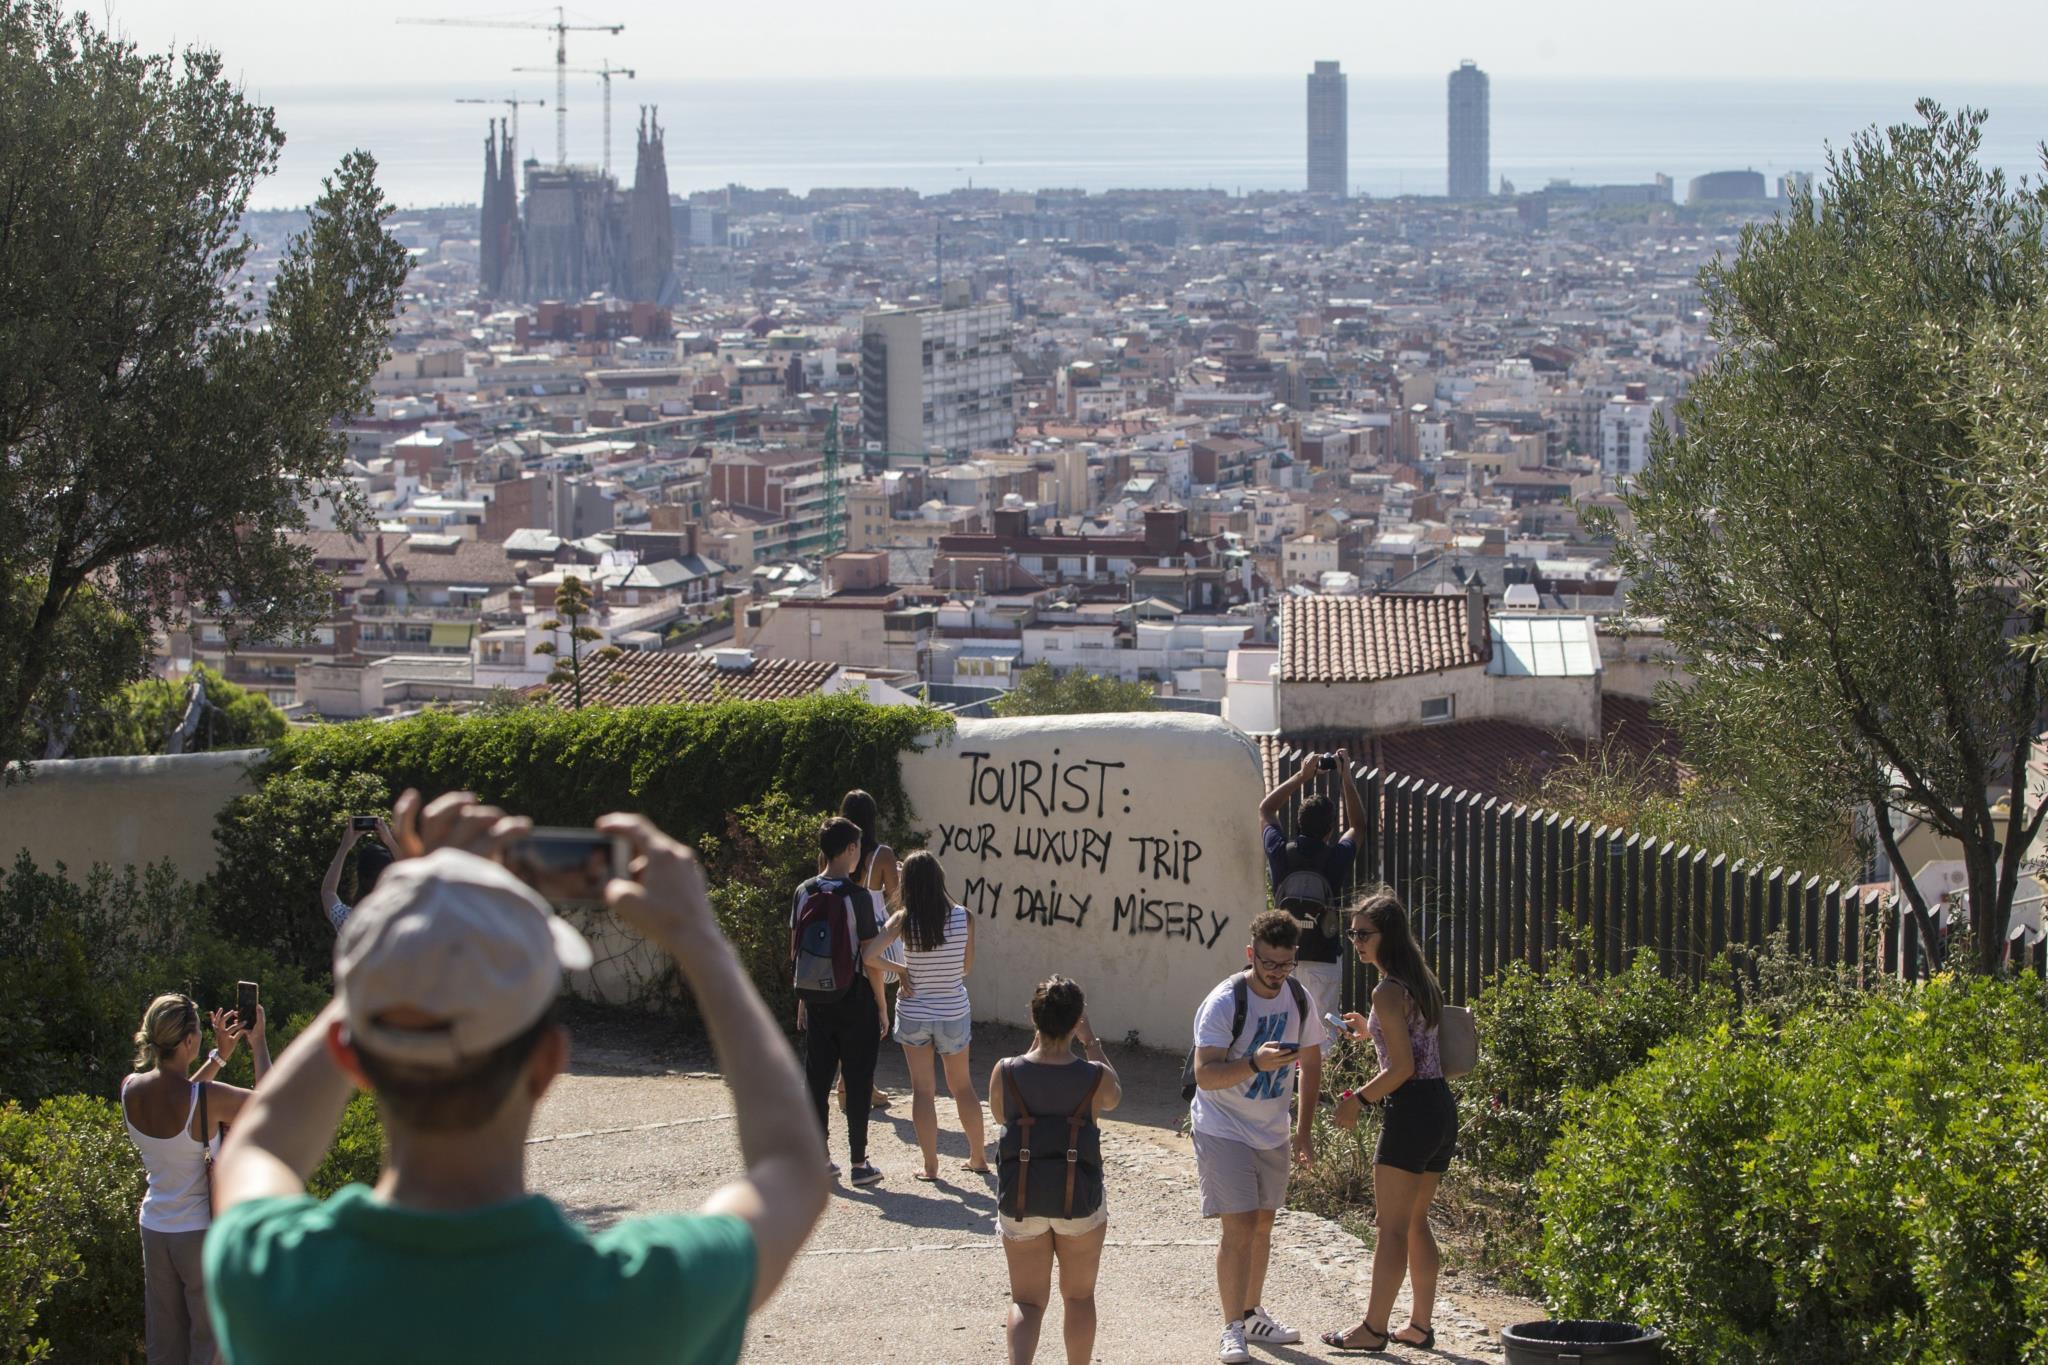 Graffiti anti-turismo num dos locais mais visitados de Barcelona, o Parque Güell. Os protestos contra o excesso turístico na Catalunha são crescentes